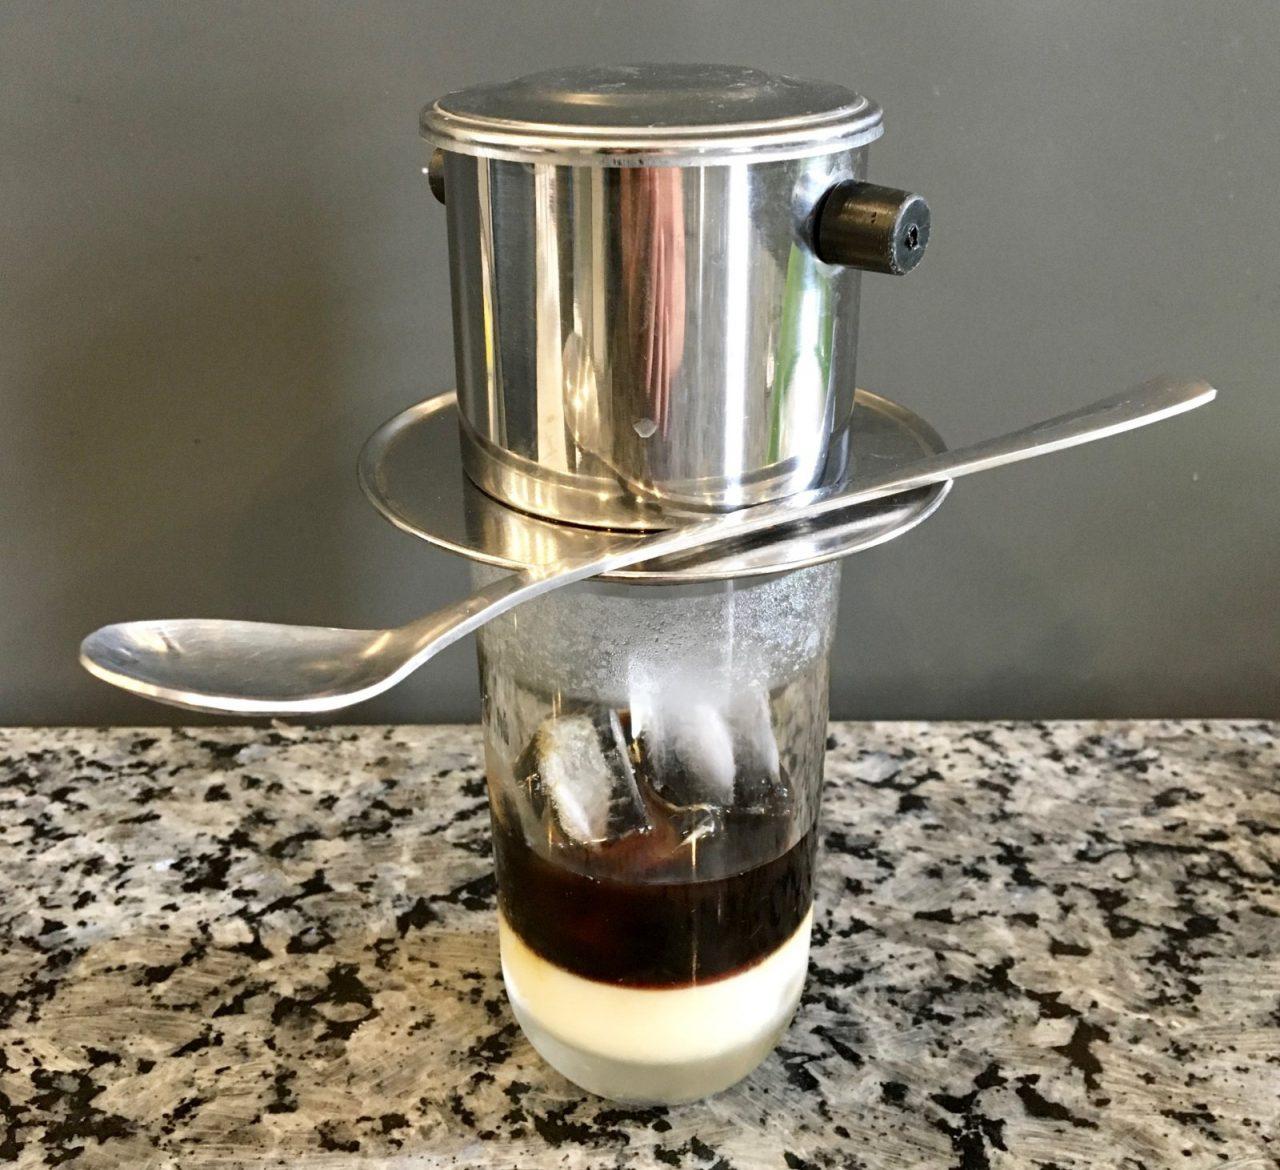 Vietnamese Coffee - Cà phê sữa đá in making